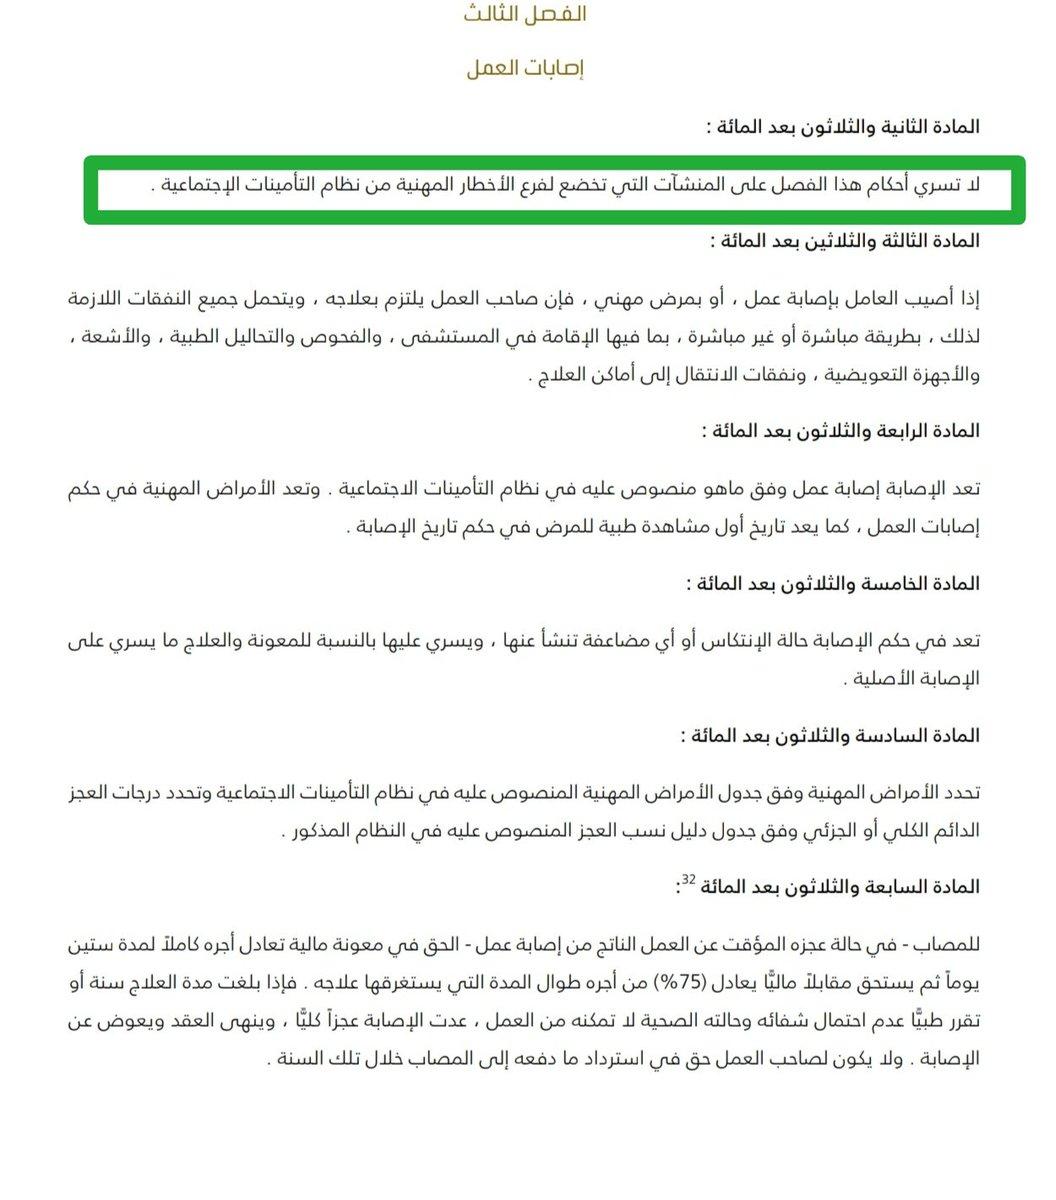 نظام العمل السعودي On Twitter المادة الثالثة والستون من نظام التأمينات الاجتماعية كل اتفاق أو تسوية تخالف أحكام هذا النظام وتصدر ممن يشملهم تعد باطلة إذا كان من شأنها أن تضر بحقوق